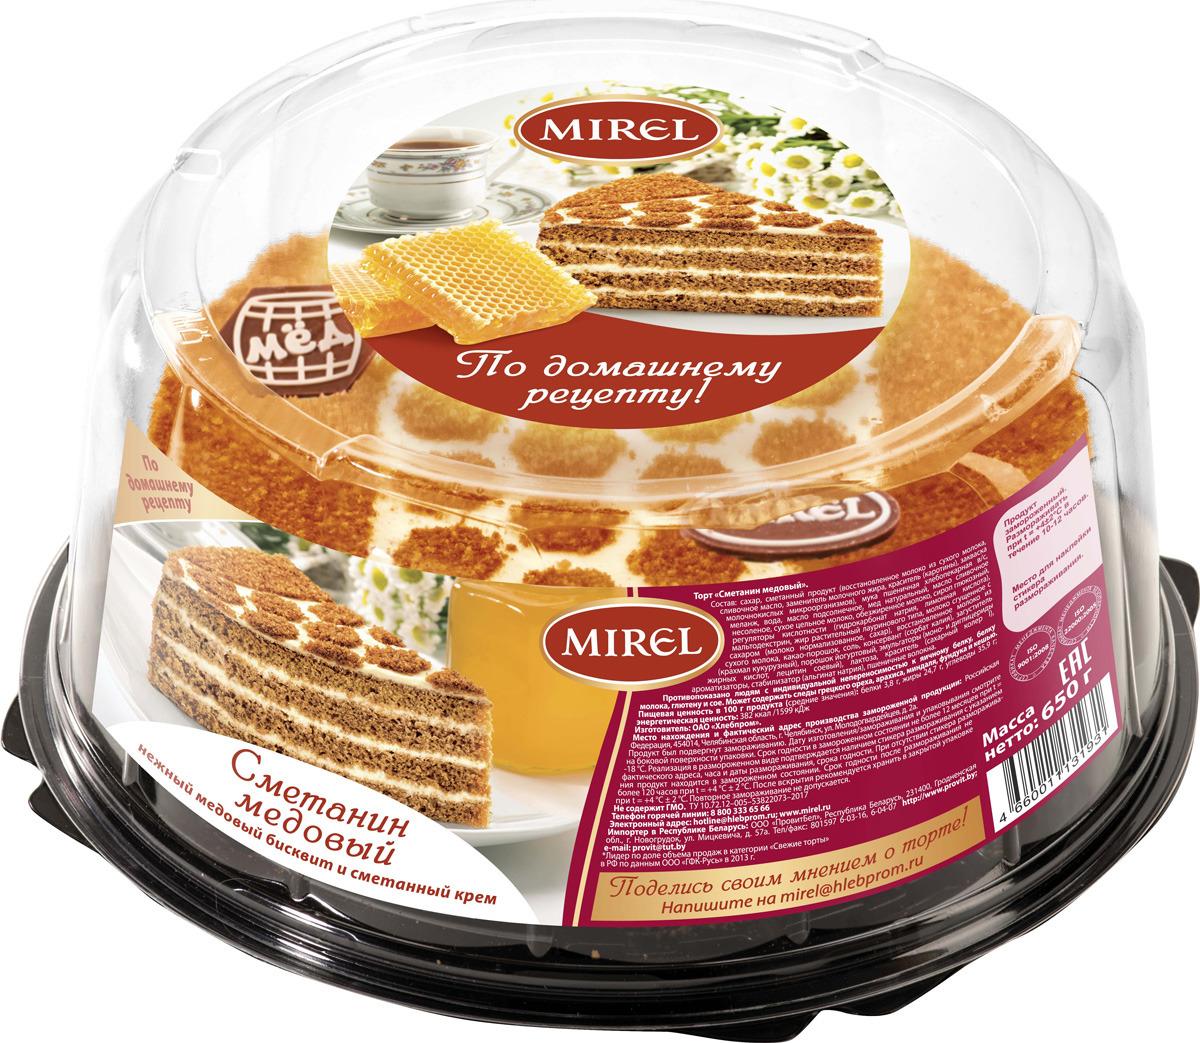 Торт бисквитный Mirel Сметанин медовый, 650 г торт marlenka медовый с какао 100 г